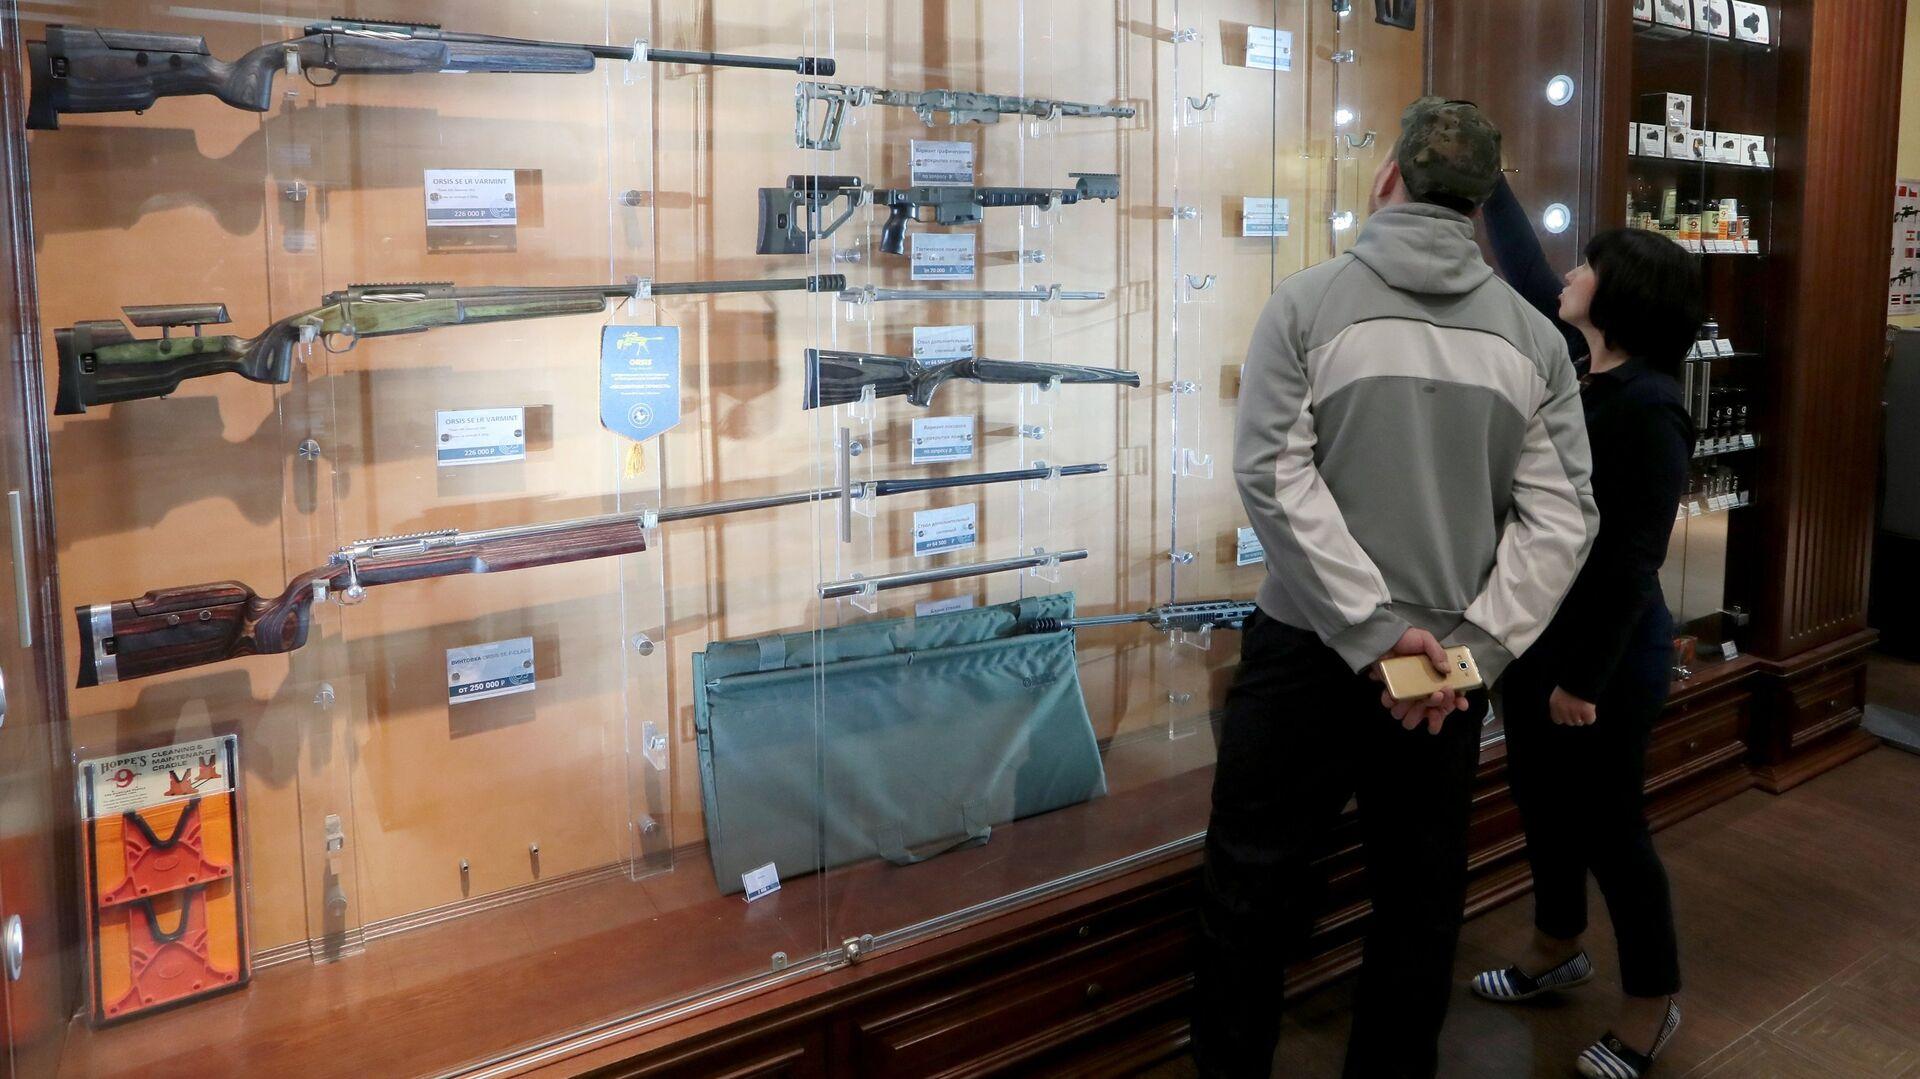 Оружейный магазин в Москве - РИА Новости, 1920, 12.05.2021